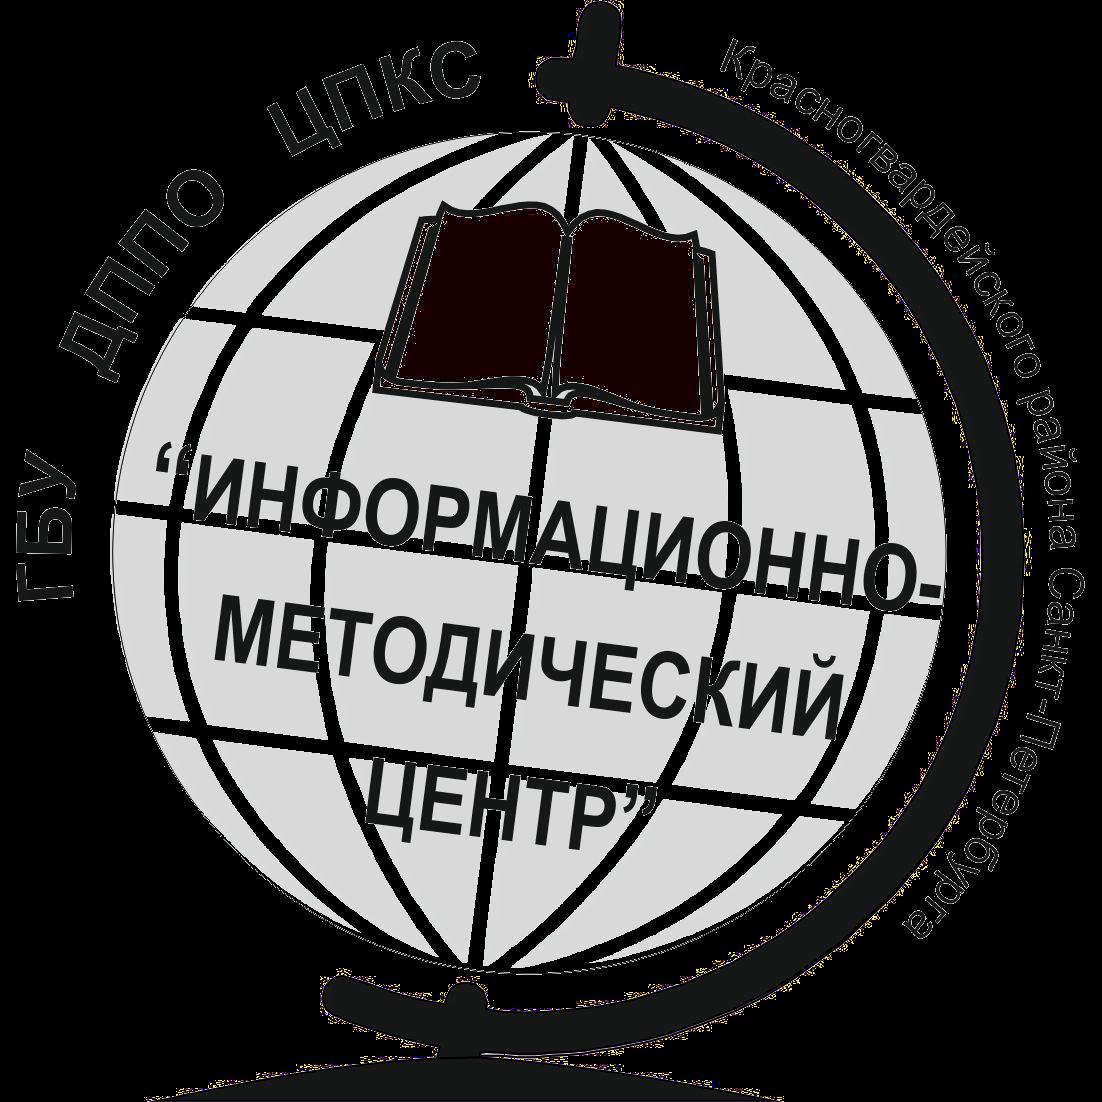 Информационно-методический центр Красногвардейского района